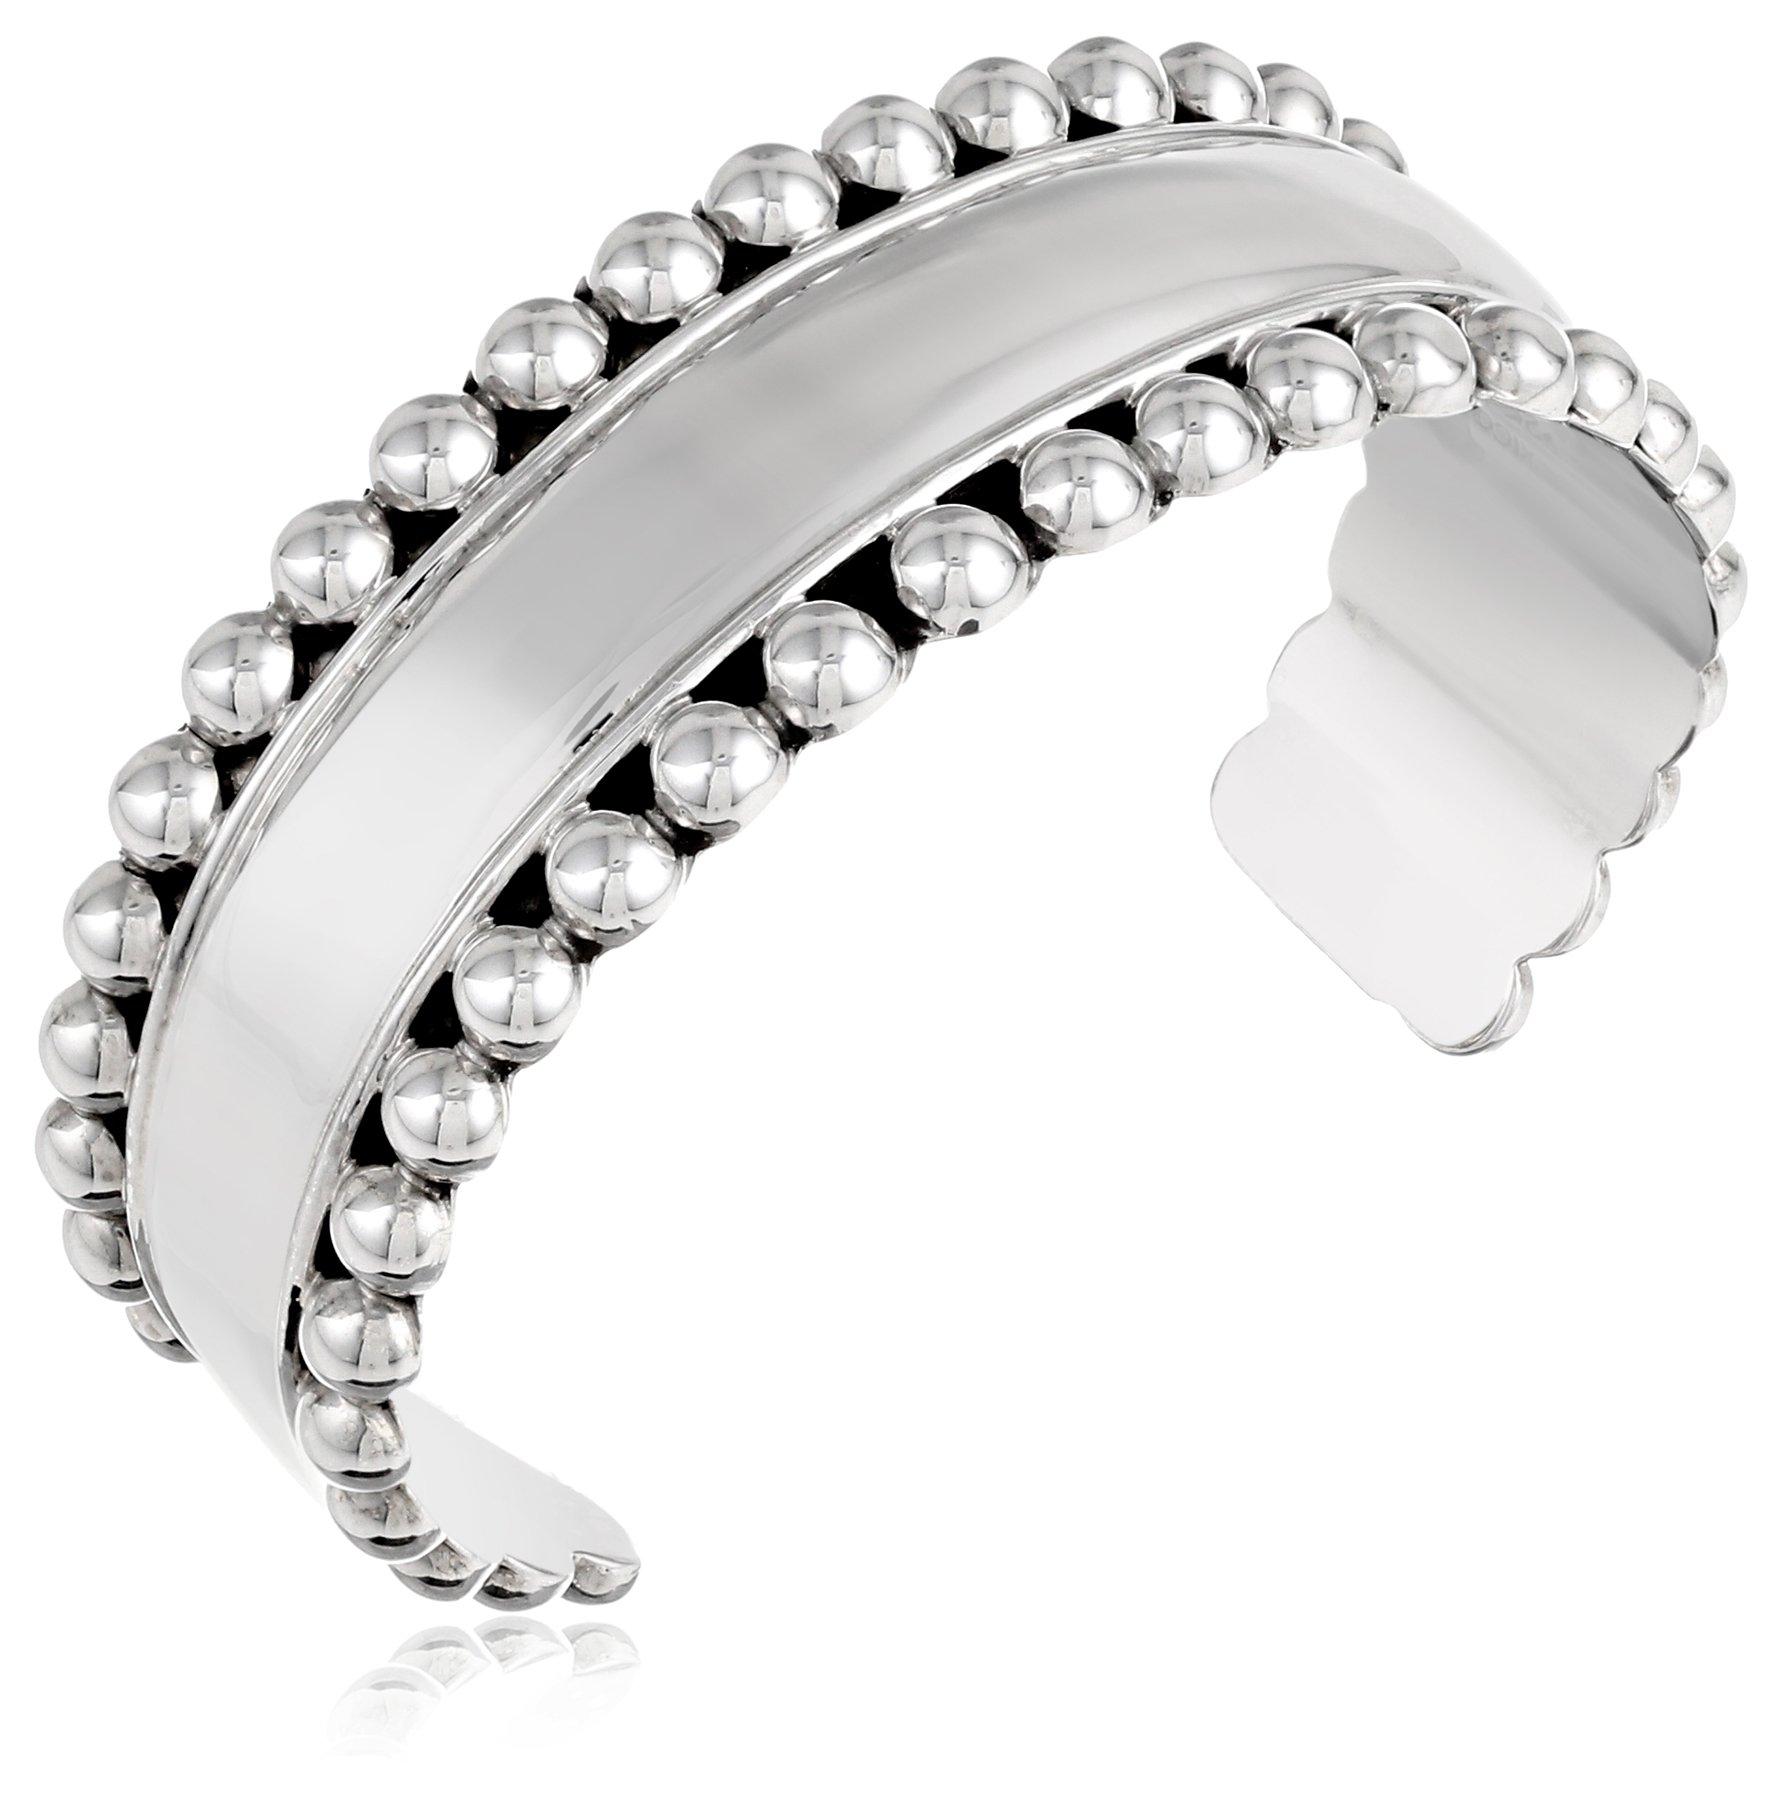 Sterling Silver Beaded Cuff Bracelet